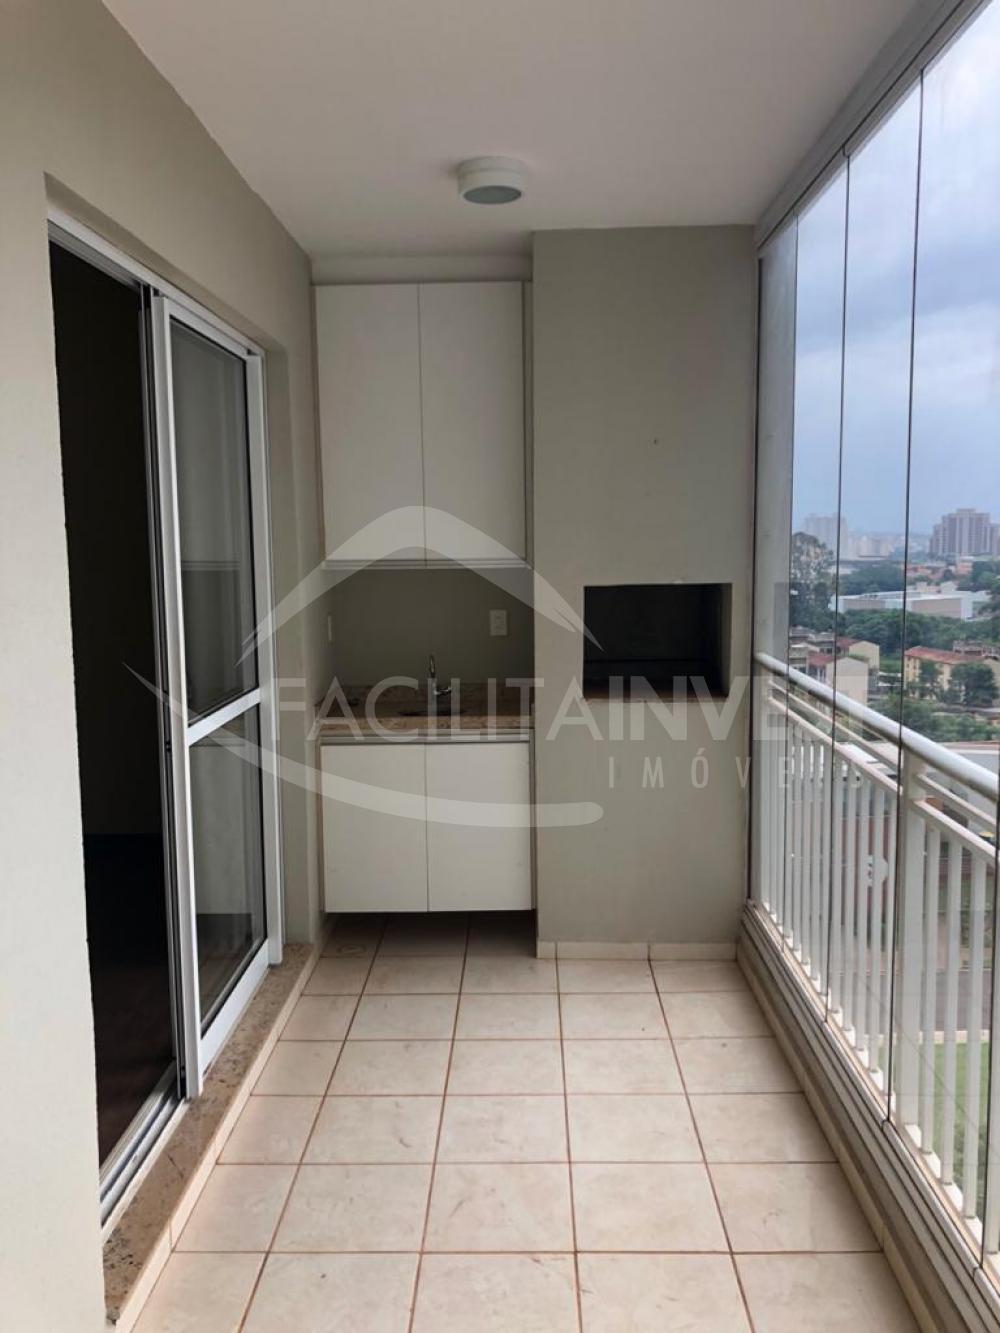 Comprar Apartamentos / Apart. Padrão em Ribeirão Preto apenas R$ 550.000,00 - Foto 23